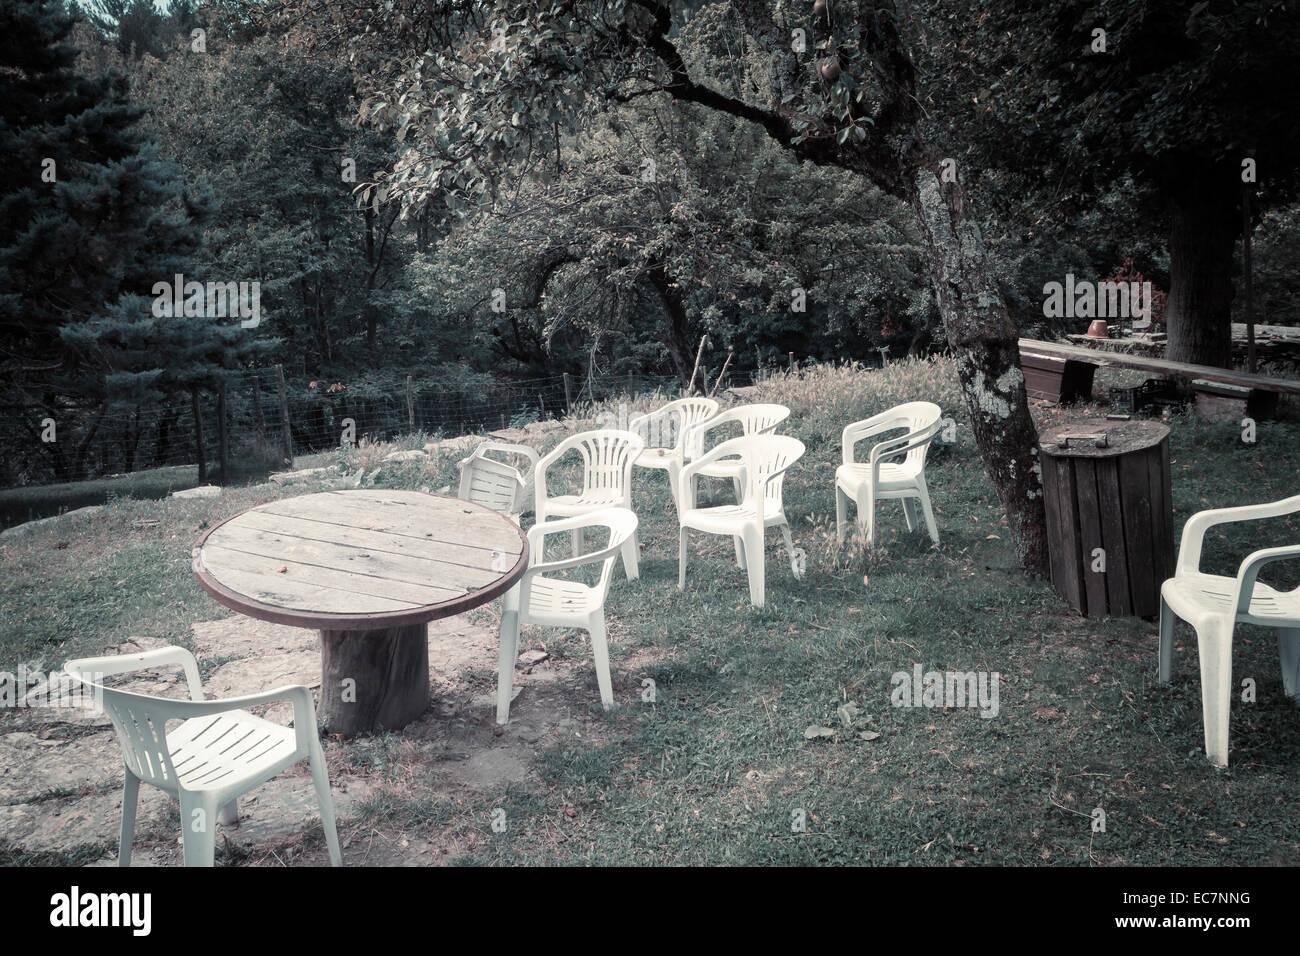 All'aperto tavolo sedie assenza Immagini Stock